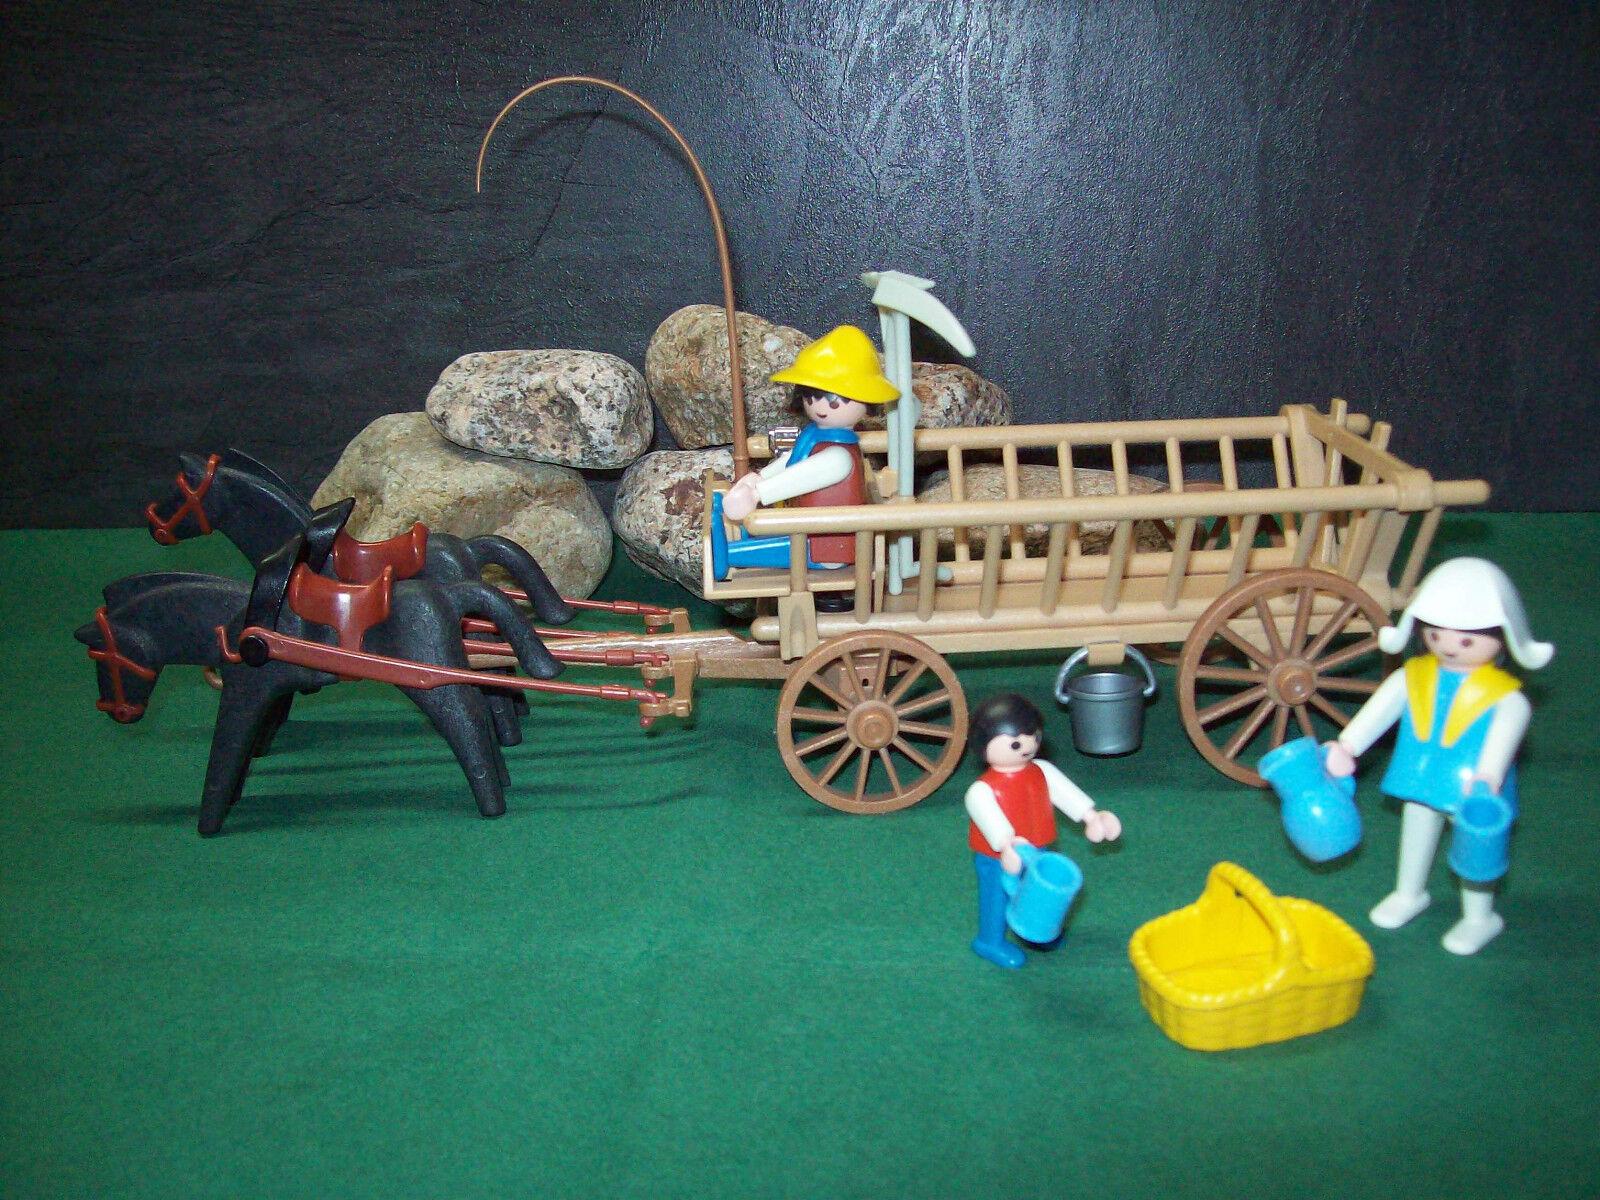 Playmobil Pferde-Leiterwagengespann 3503-A 1986, ohne OVP  |